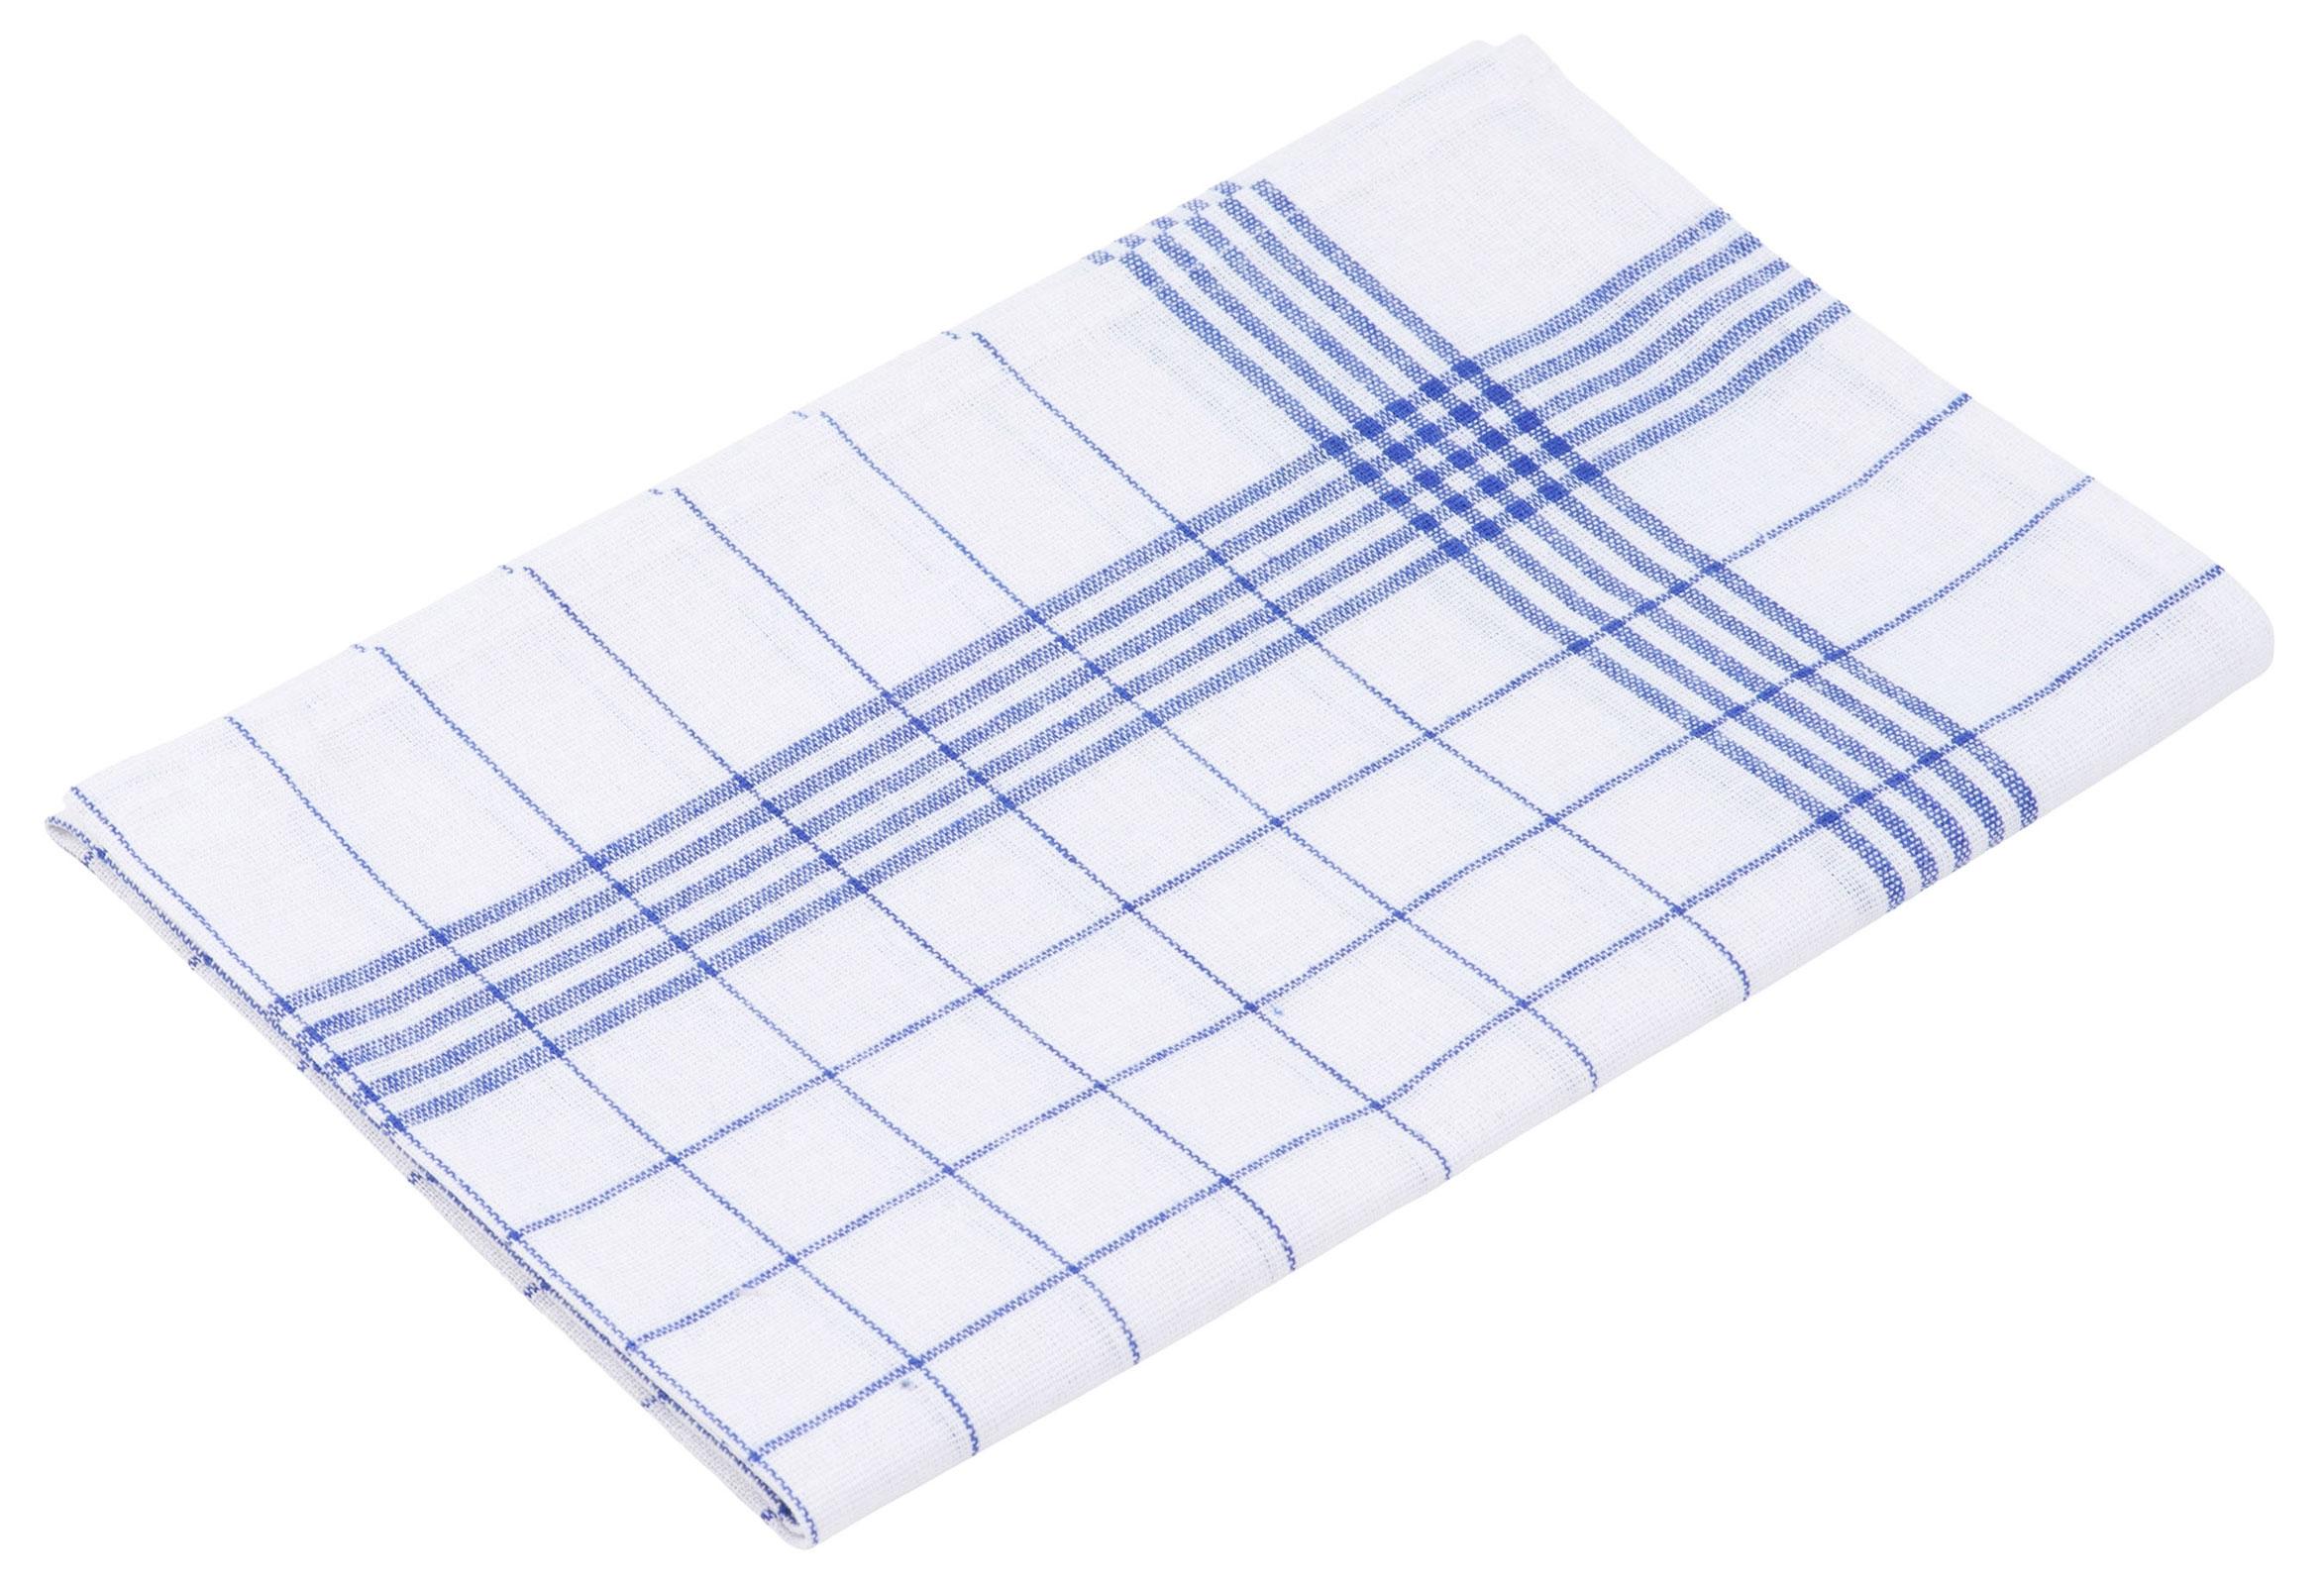 Küchentextilien - 10er Pack Gözze Halbleinen Geschirrtuch 50x70 weiß blau  - Onlineshop PremiumShop321